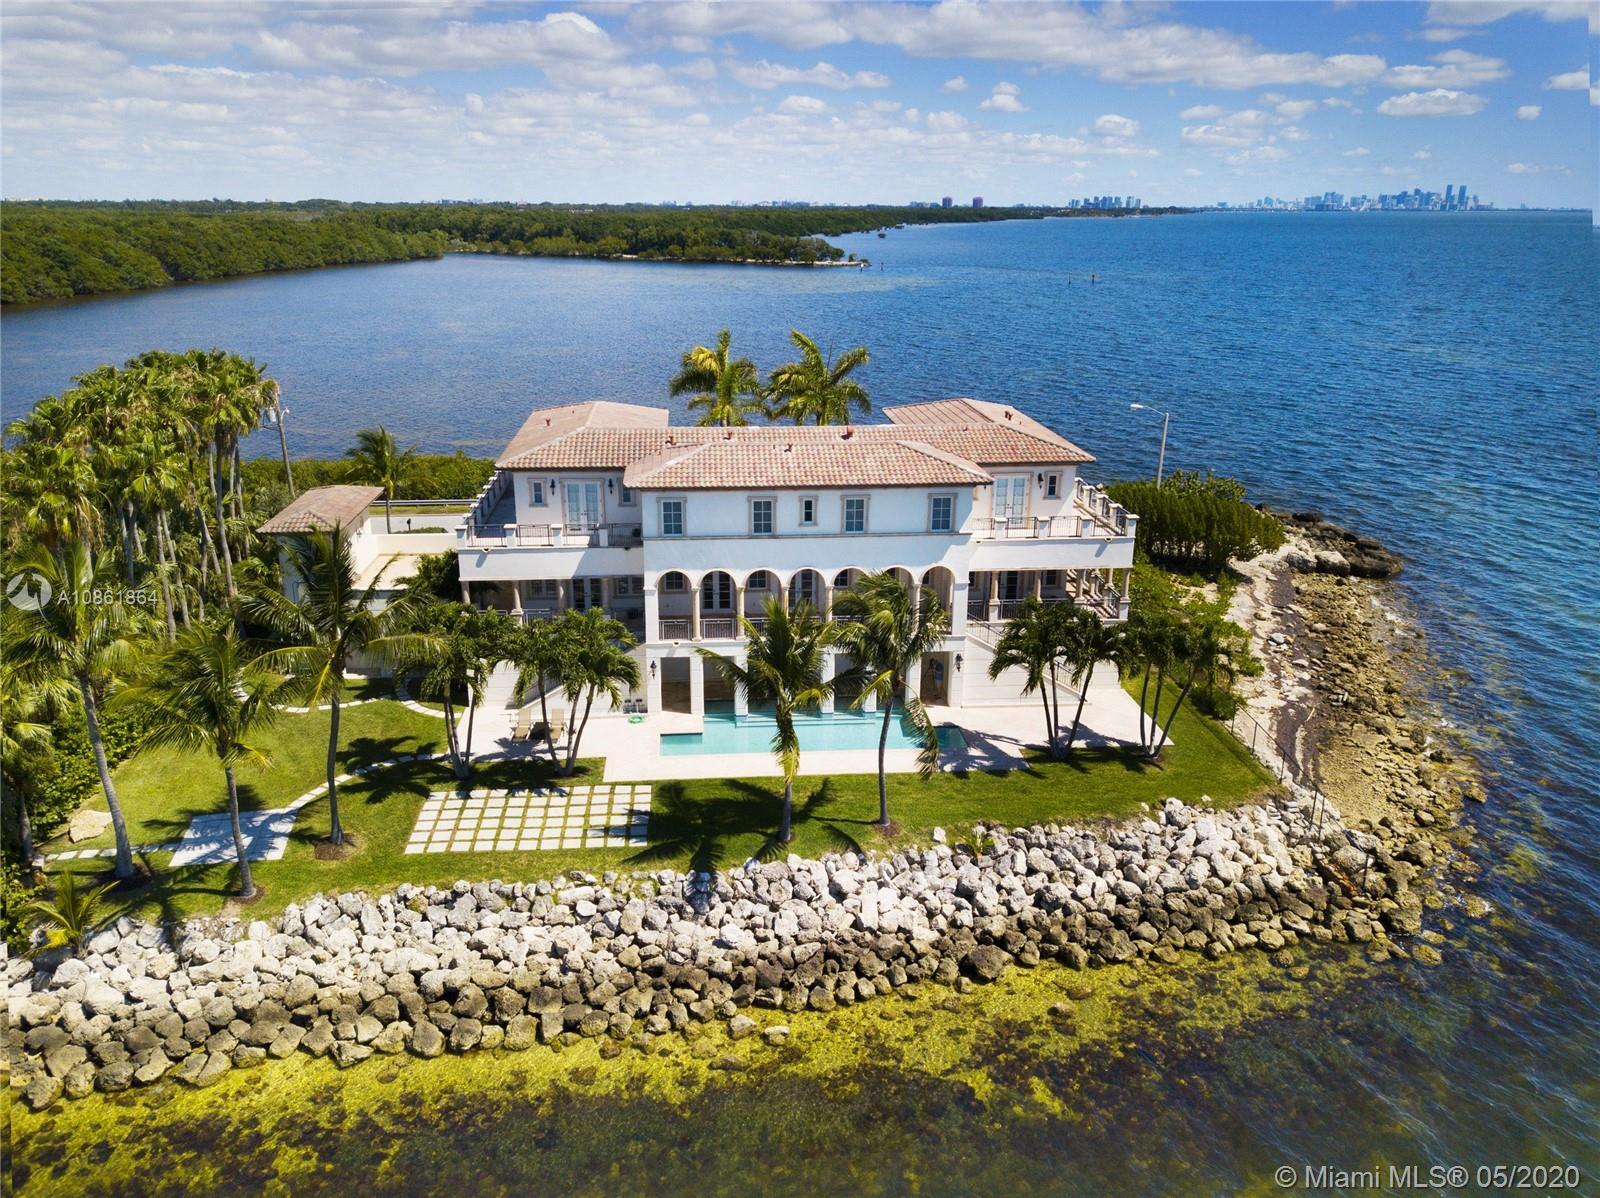 650 Lugo Ave, Coral Gables, Florida